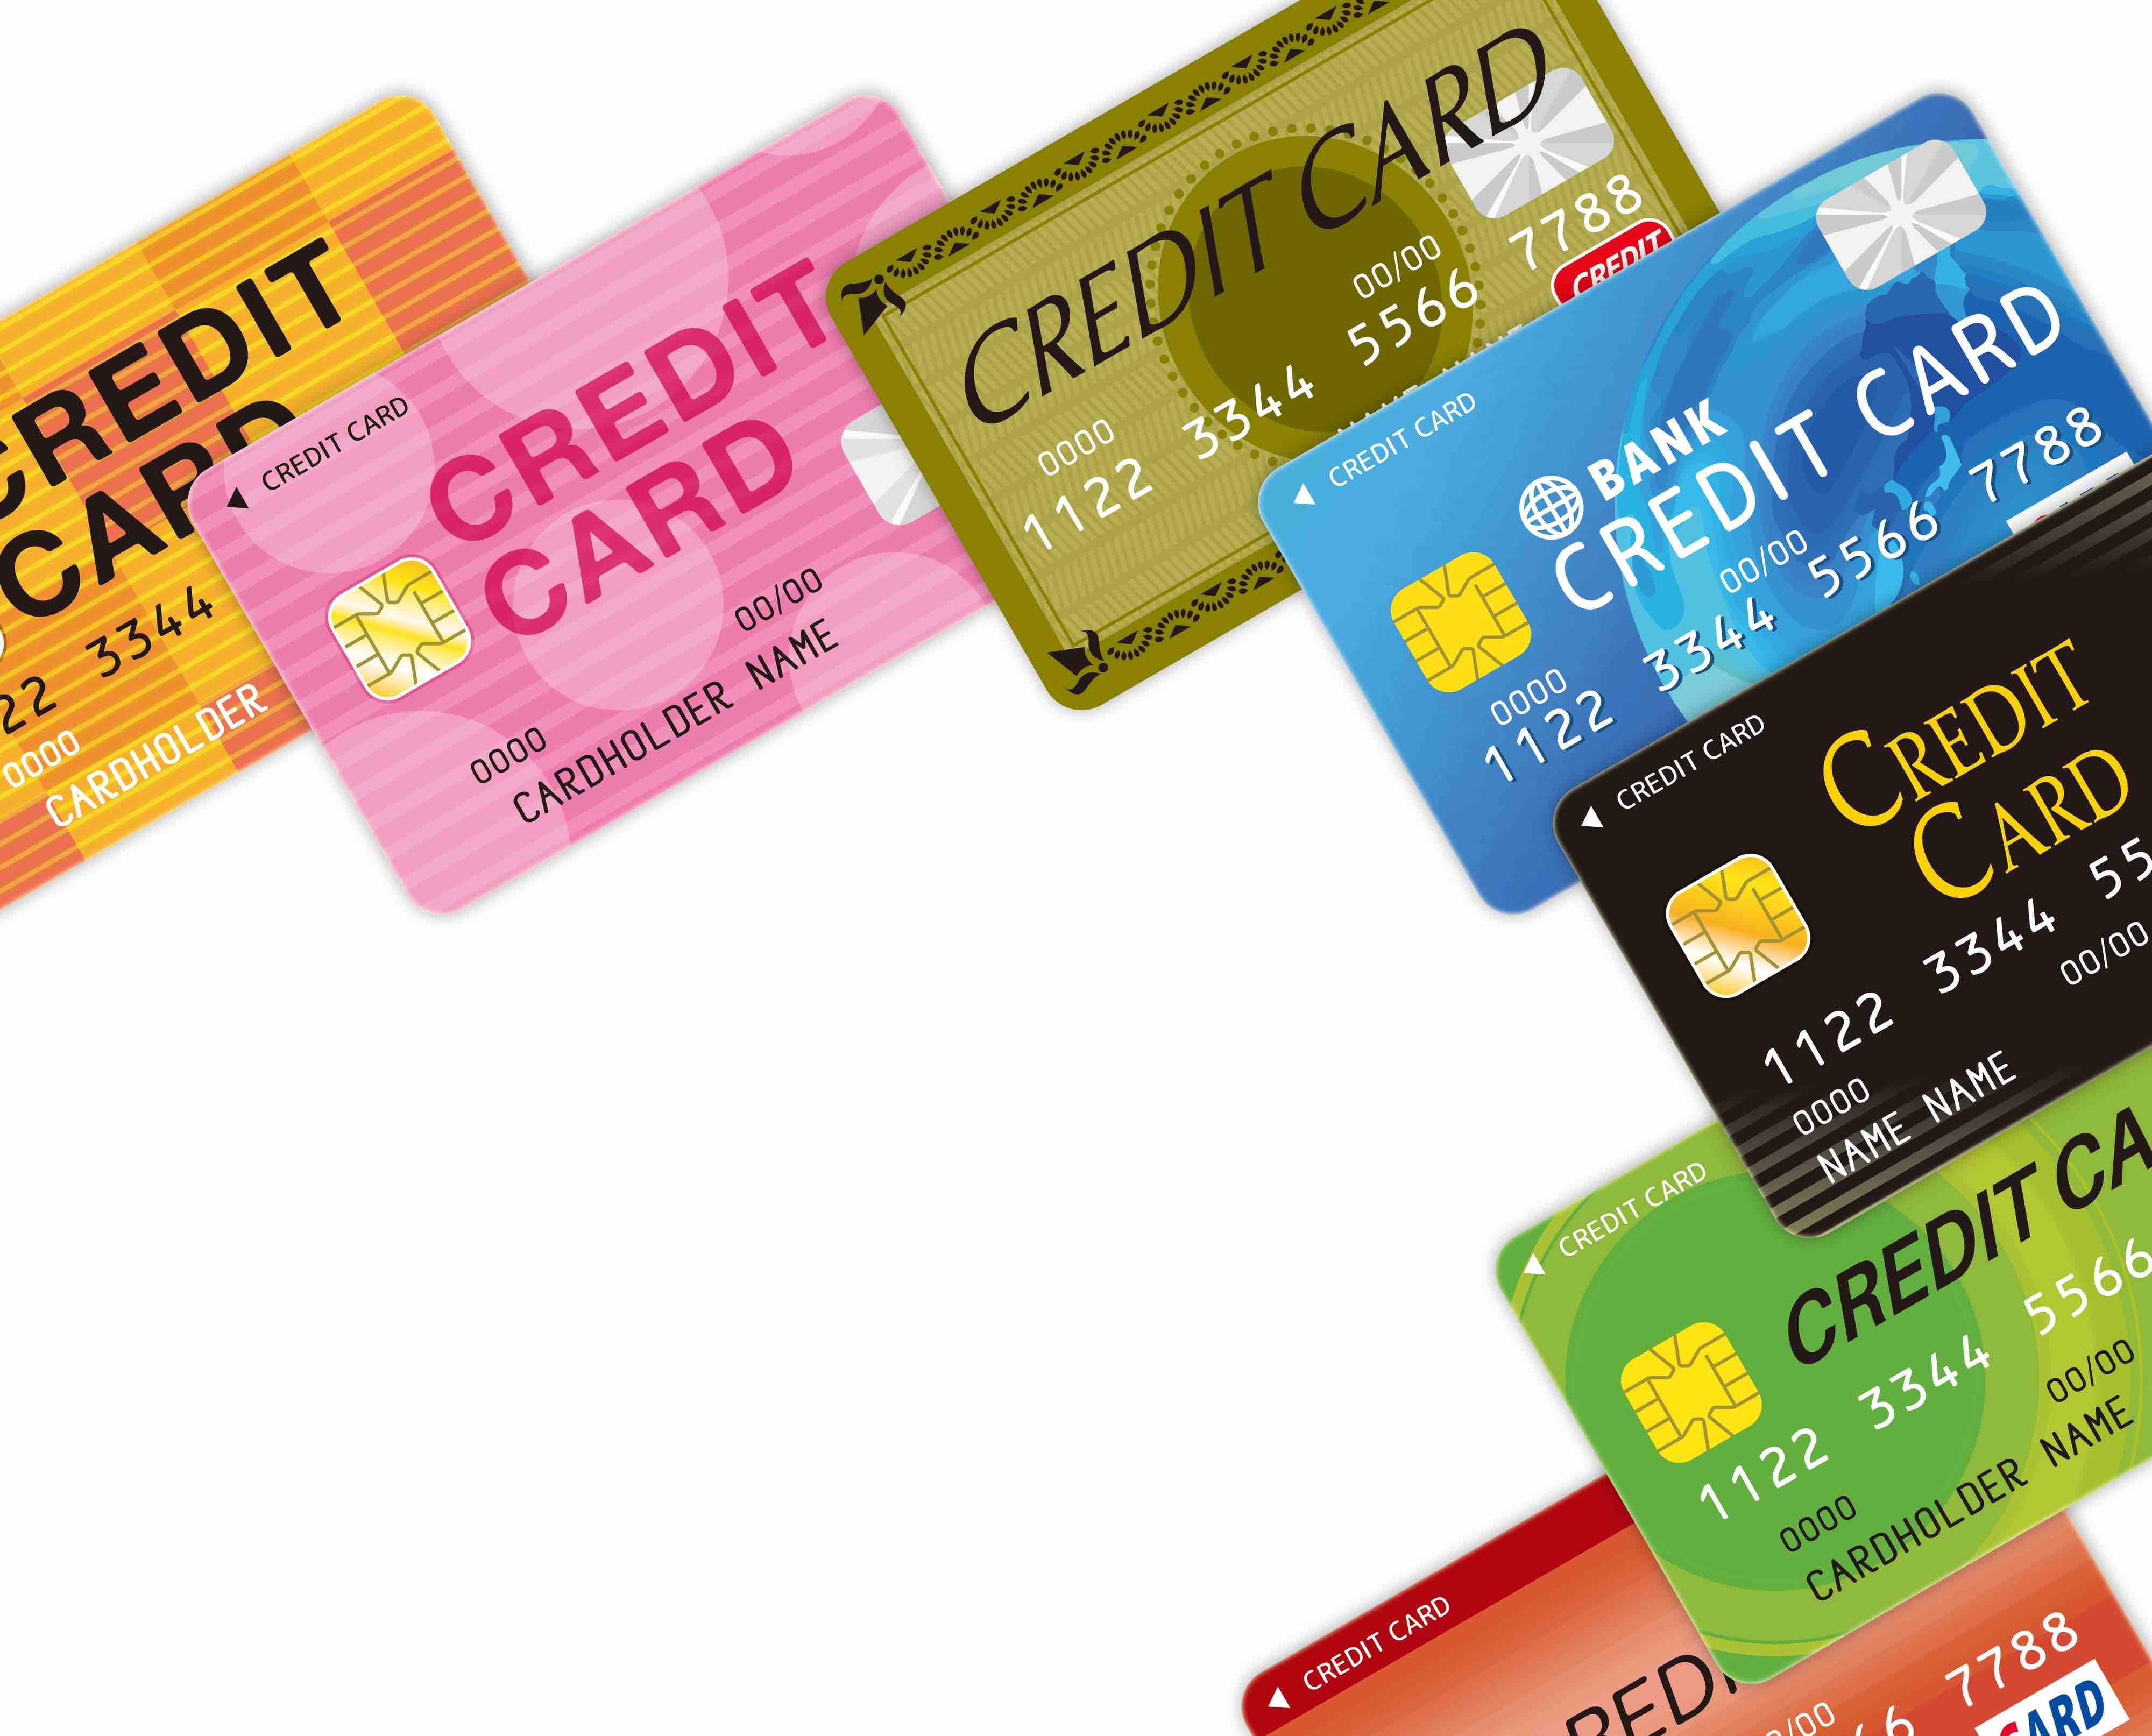 フリーランスでも加入できるクレジットカードとは?